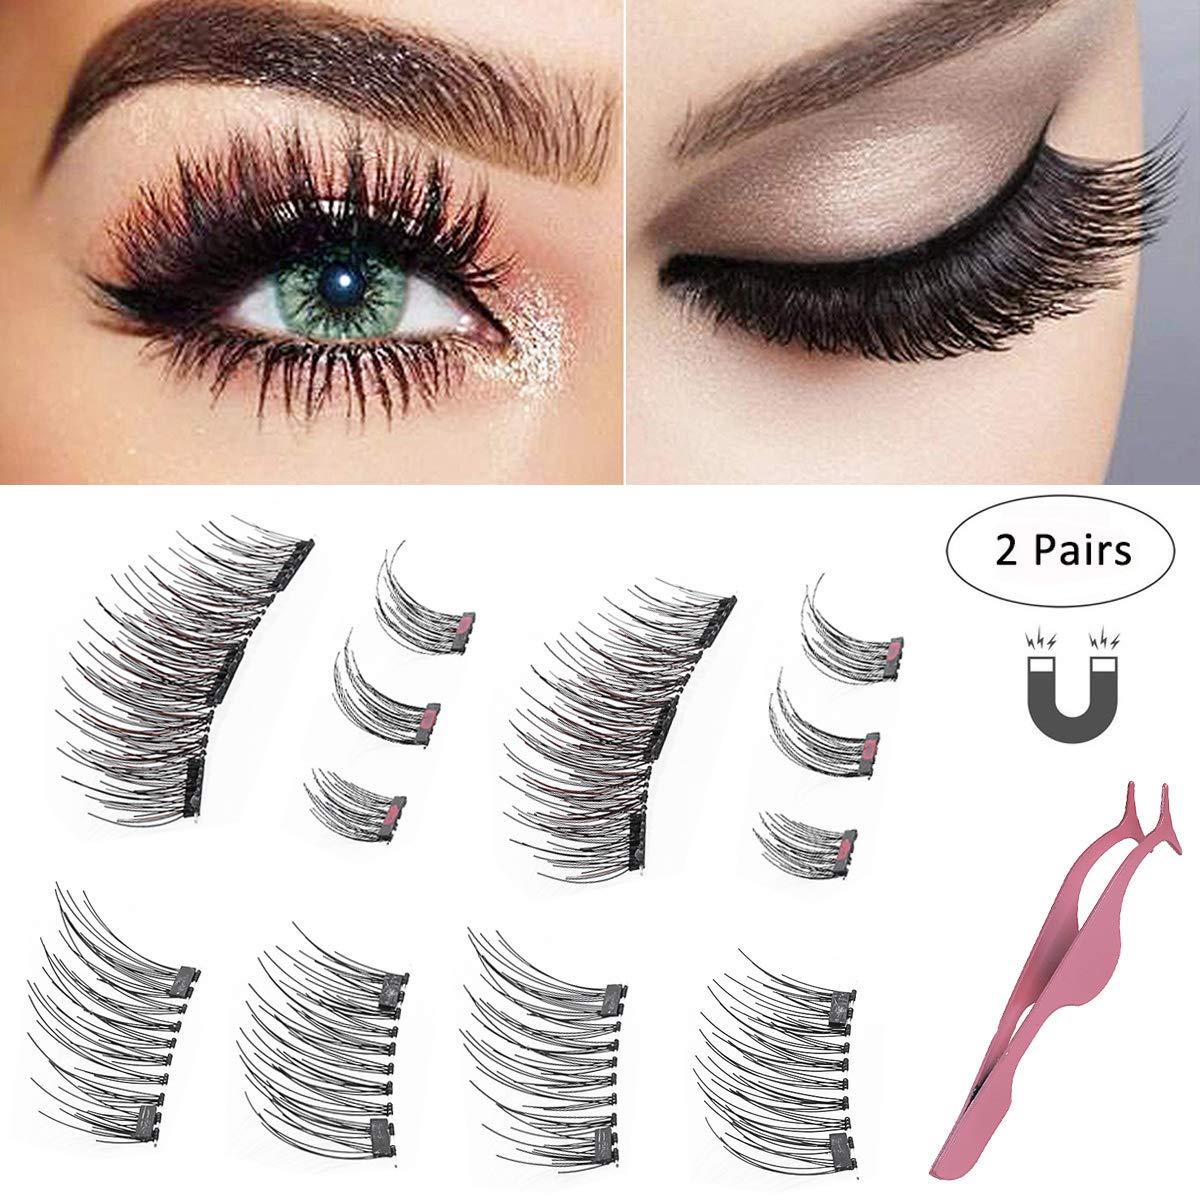 Magnetic Eyelashes Natural Full Eye Magnetic Lashes Ultra Thin Magnet Eyelashes 3D 3 Magnet fake lashes (2 Pairs) ASUKALA